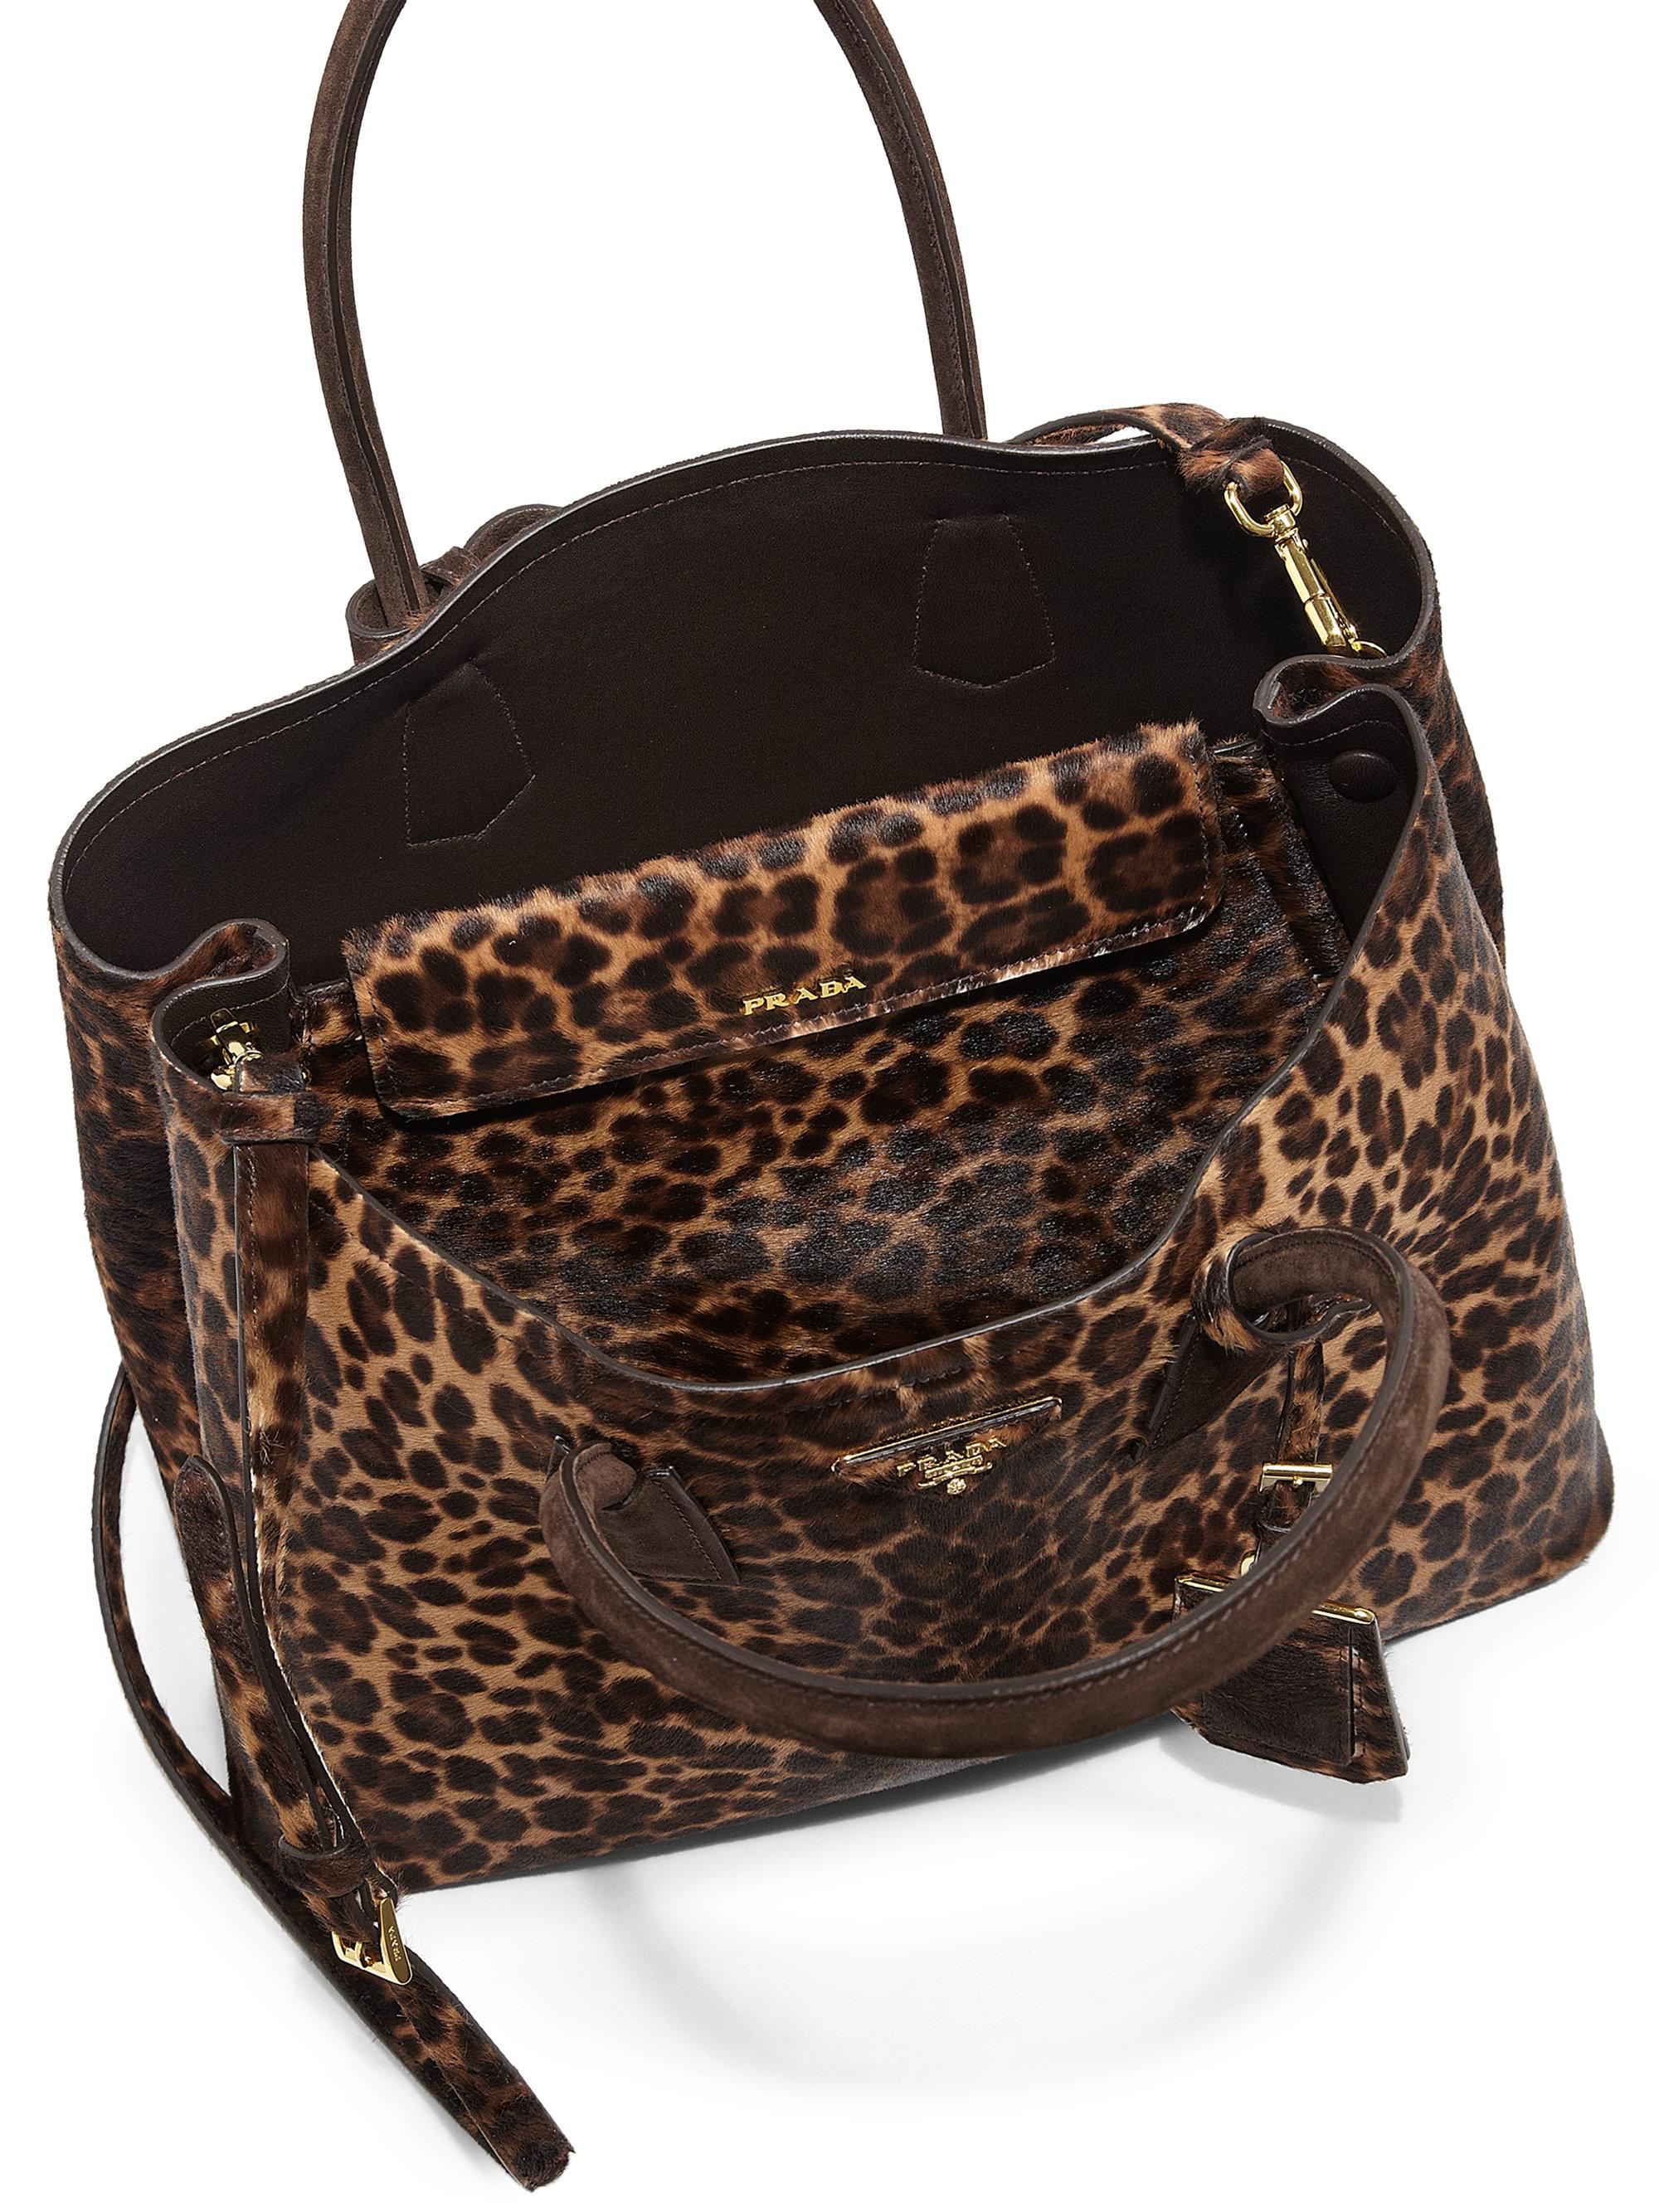 Prada Cavallino Calf Hair Double Bag in Animal (LEOPARD)  876f686a957bc